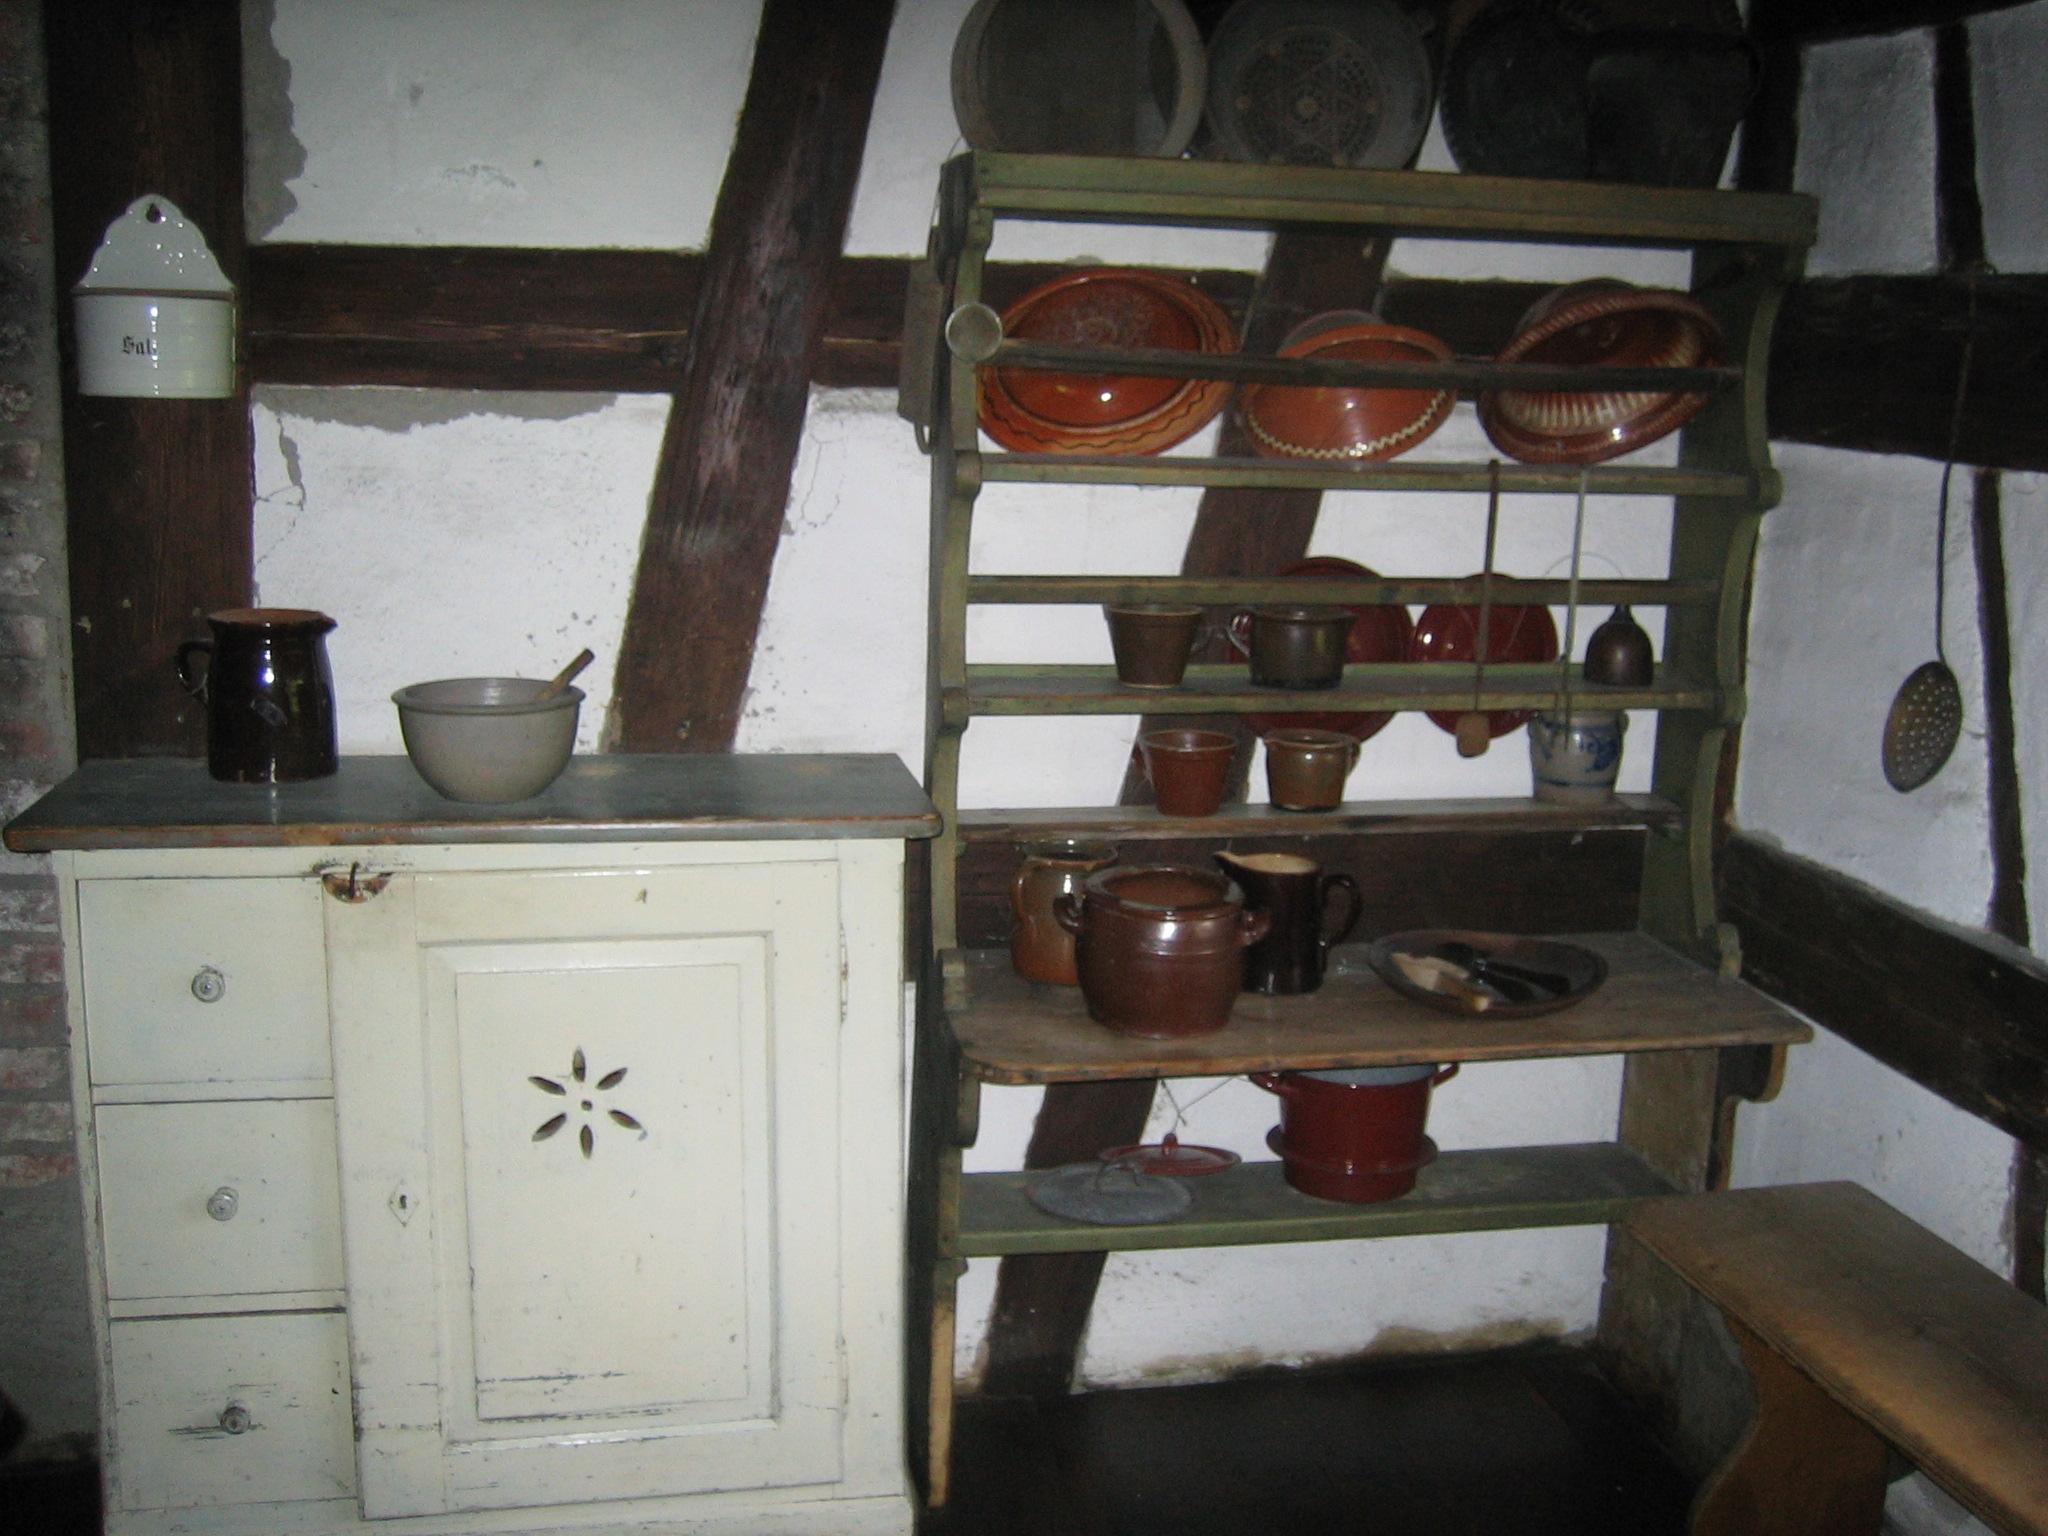 Schränke Bauernküche  Kueche #1: schraenke bauernkueche